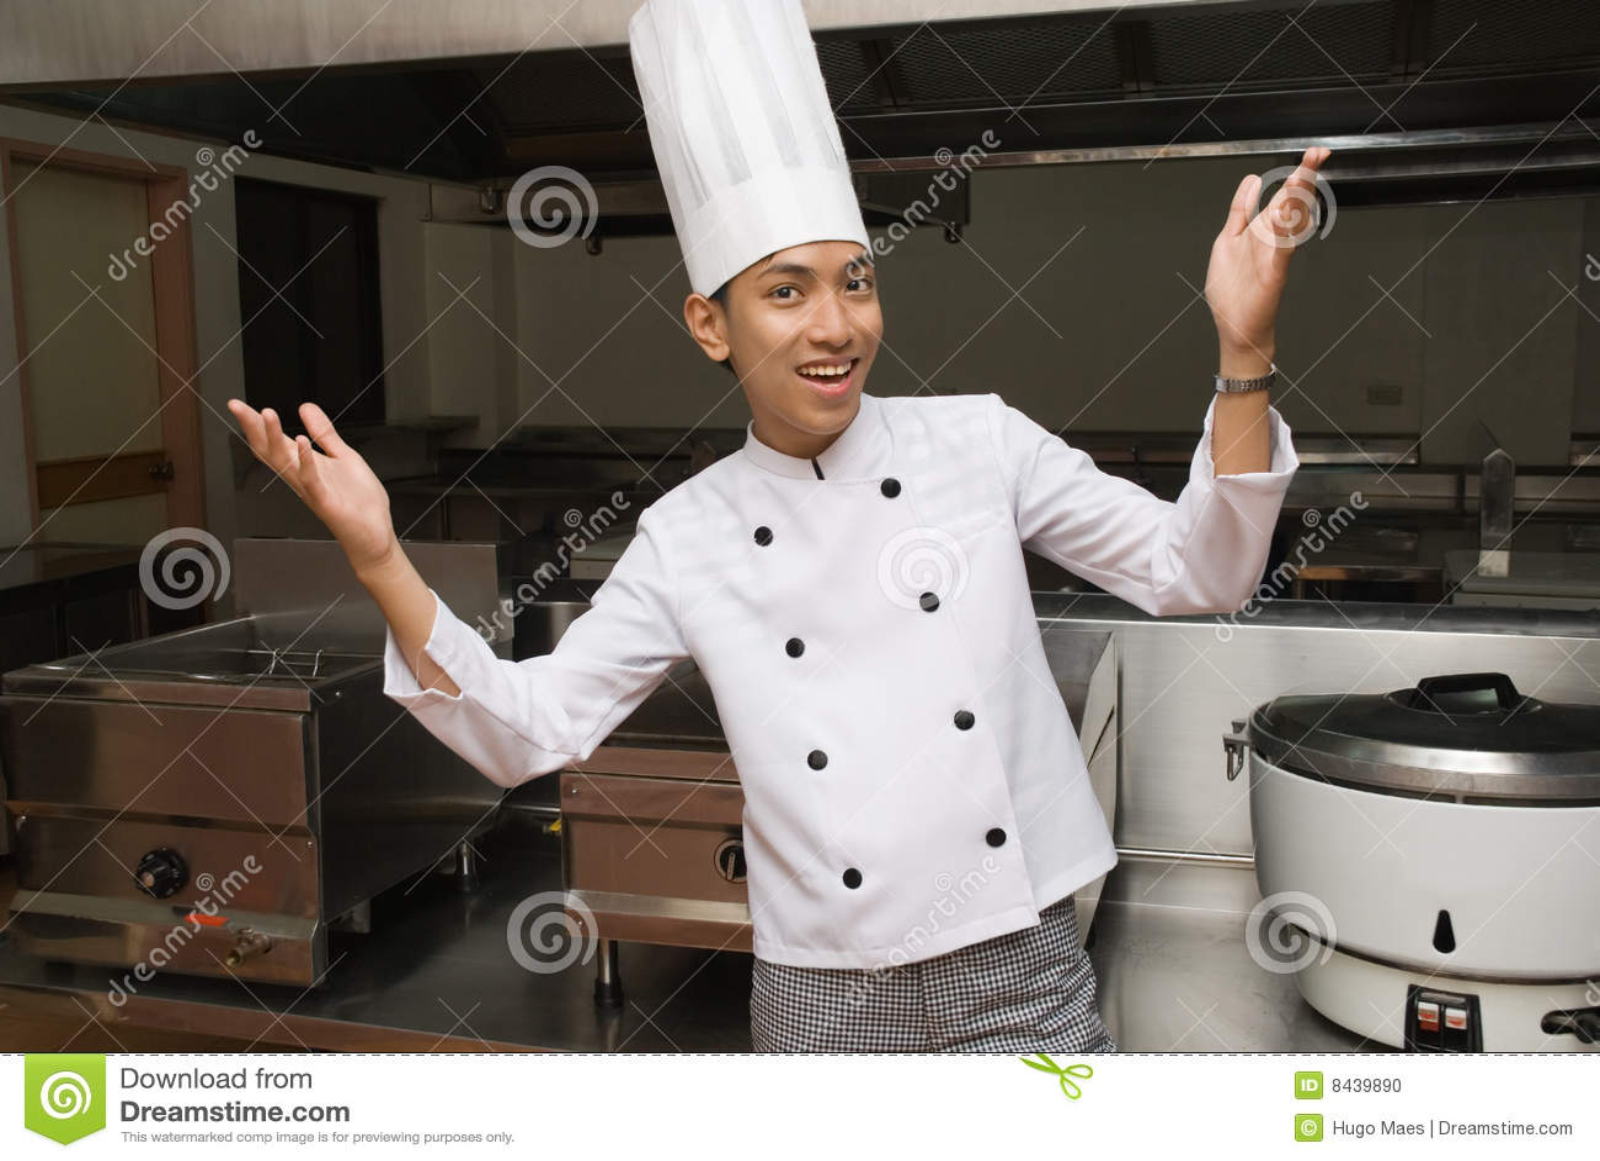 Chef chinois dans la cuisine de restaurant photo stock for Cuisine un chinois